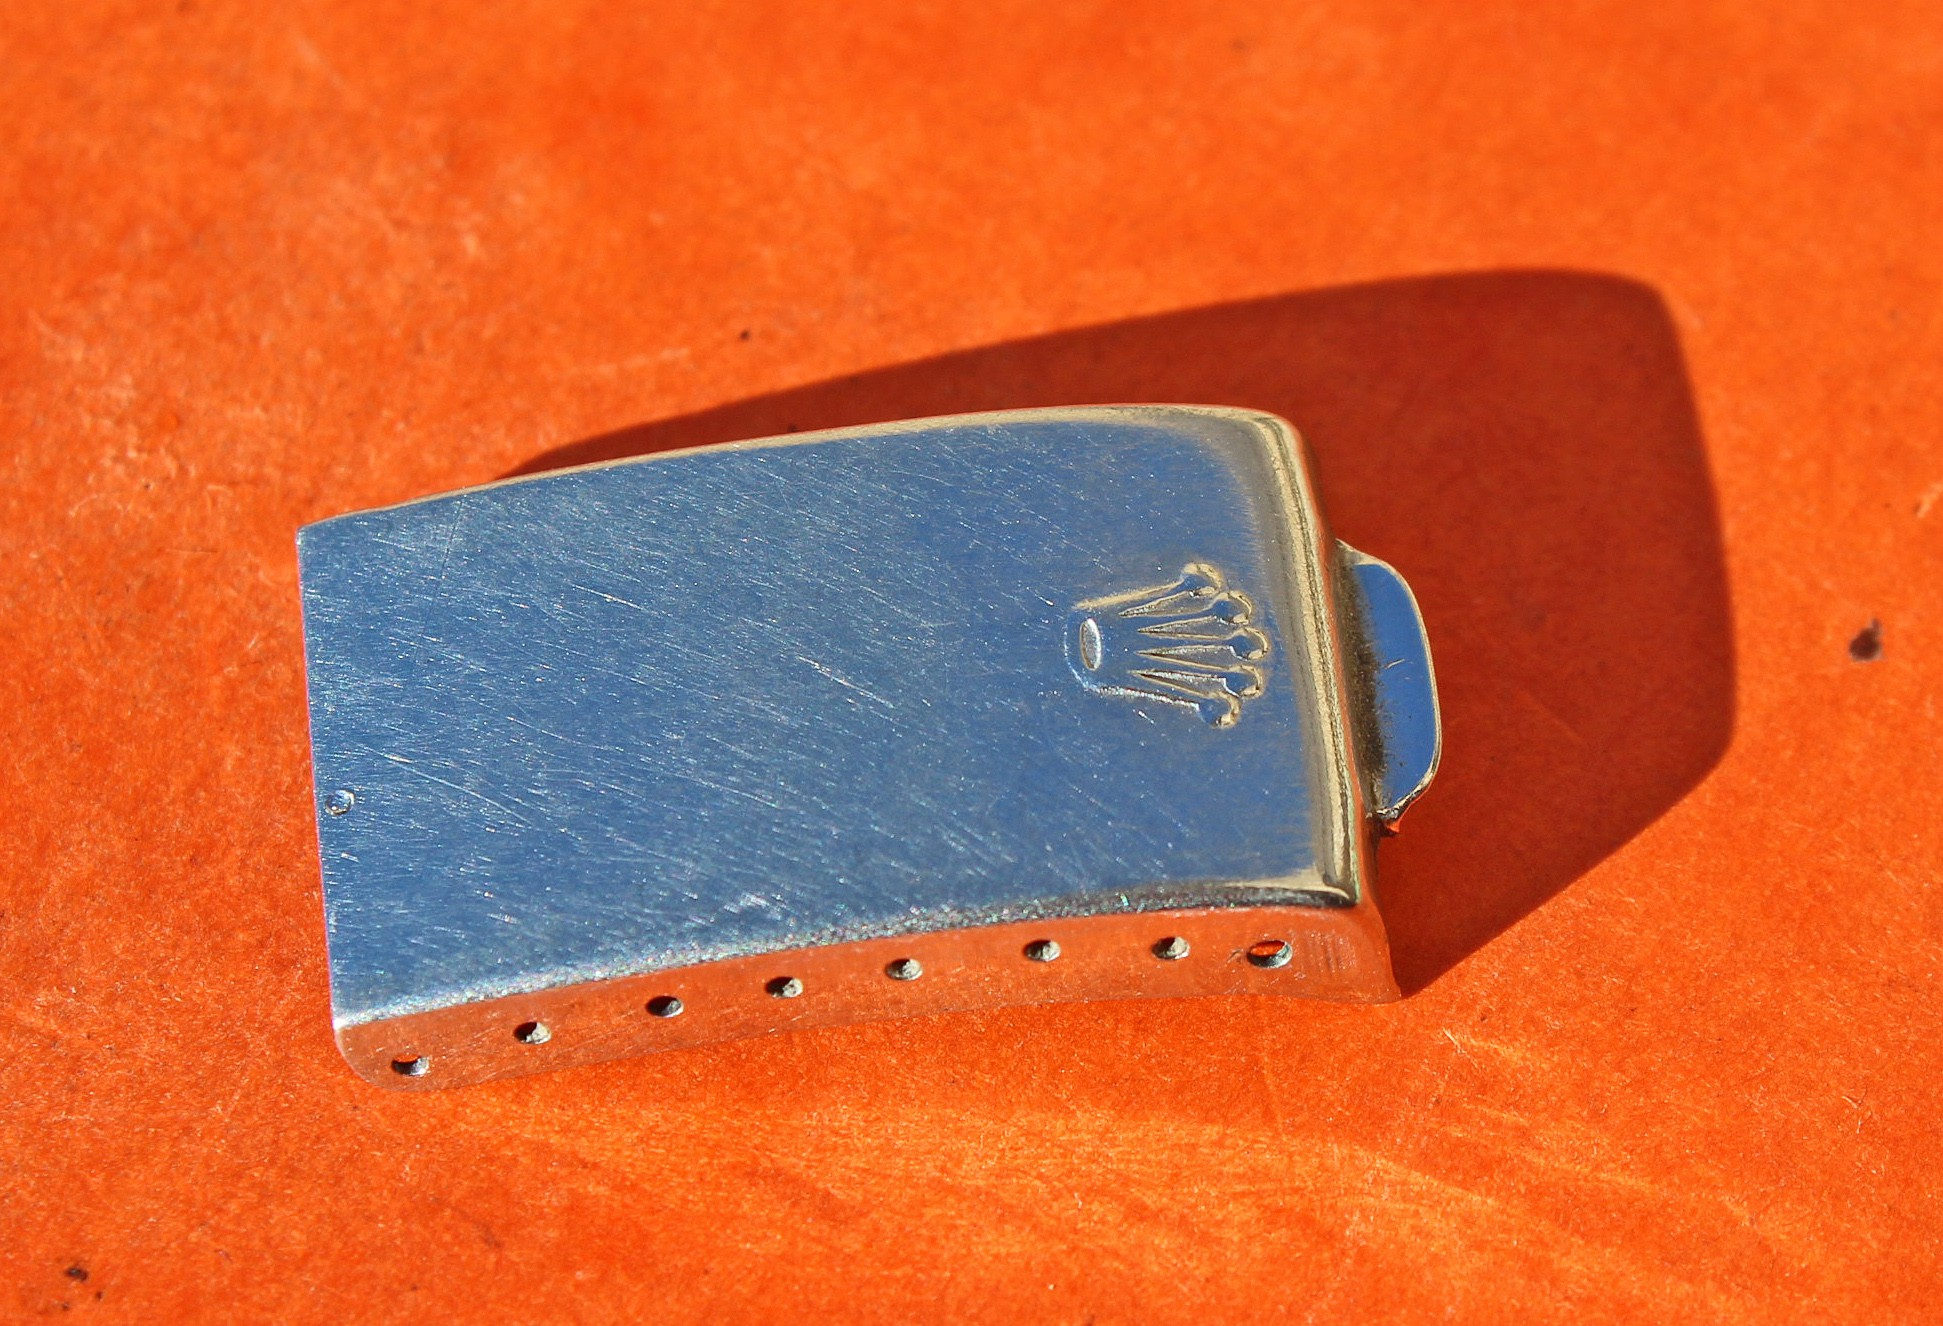 FERMOIR BOUCLIER ref 78360 / 62510H BRACELET BLINDE / JUBILEE GMT MASTER 16710, 16700, 1675, 1655, 16550, 16570